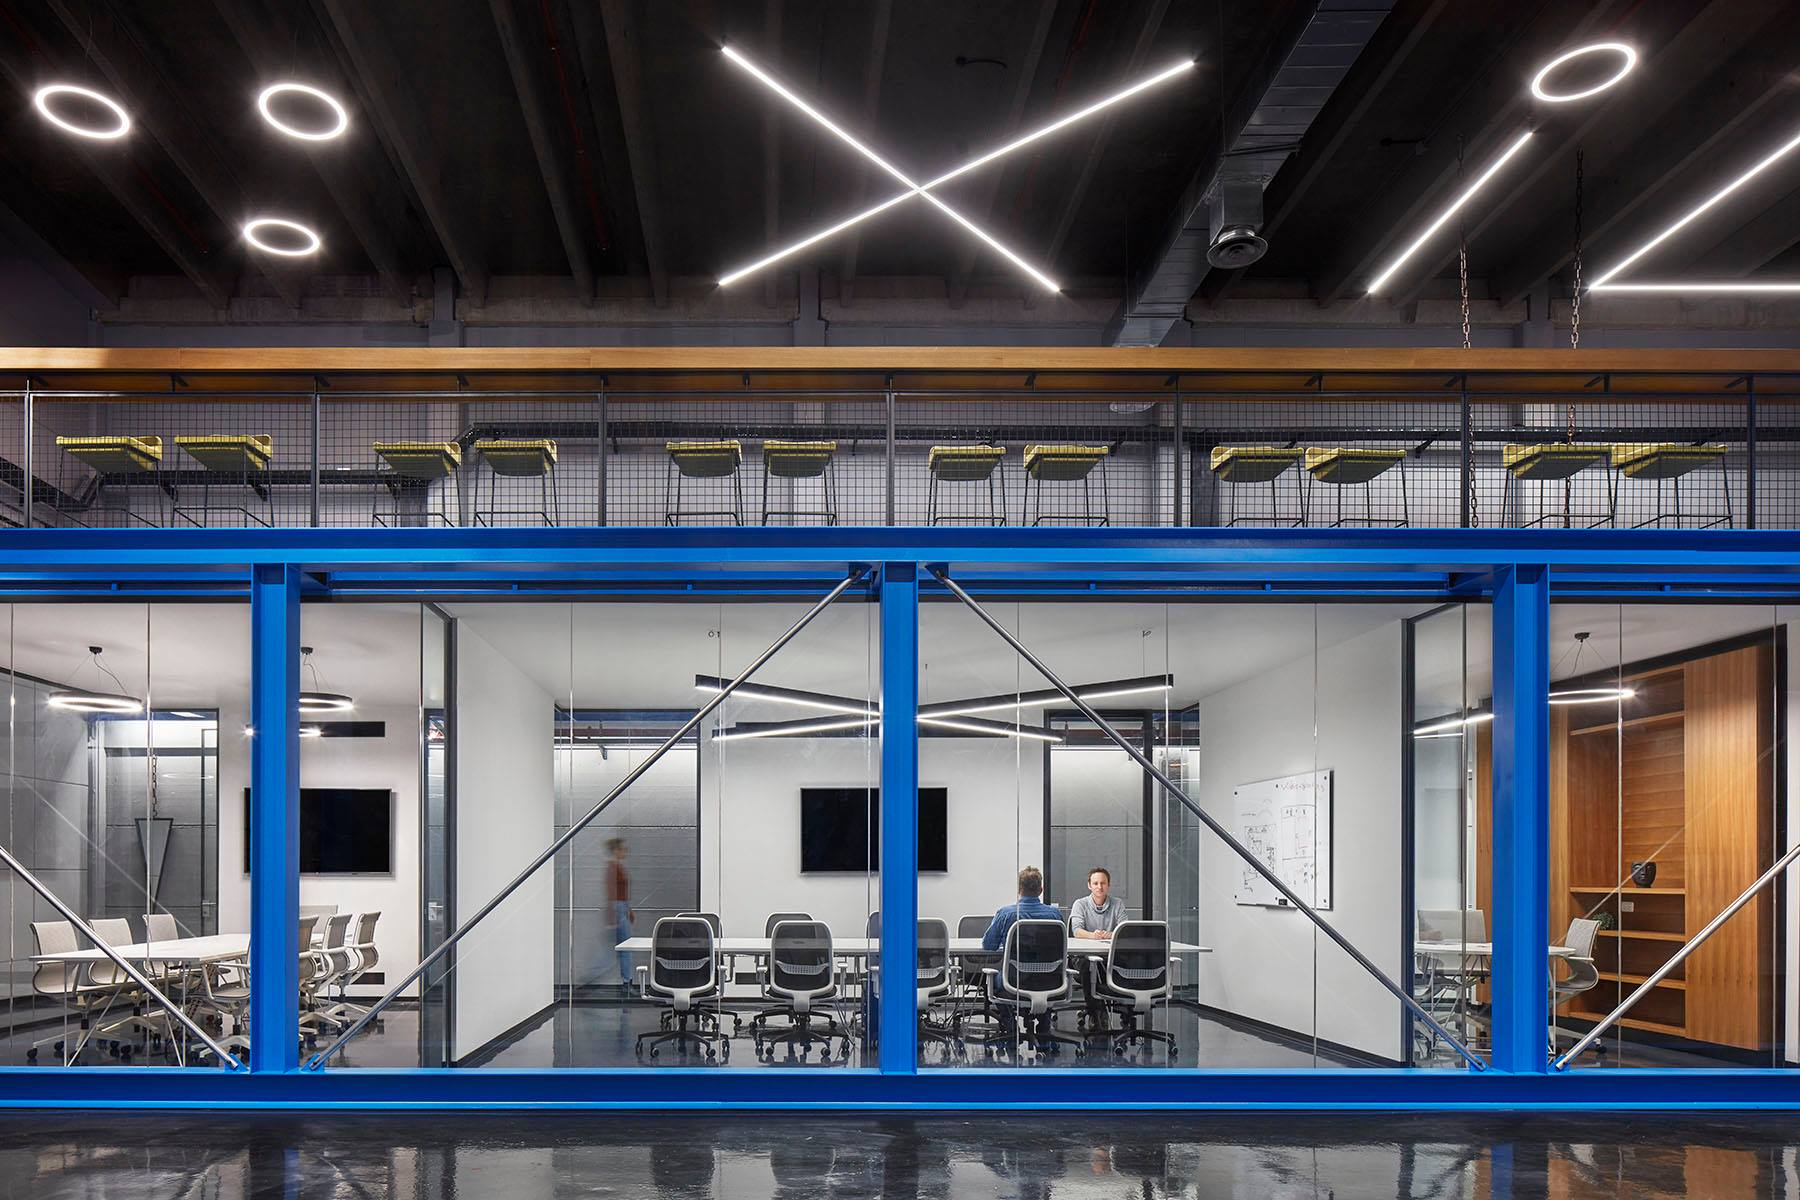 משרדי בלובוקס, השראה יפנית לחברת הייטק